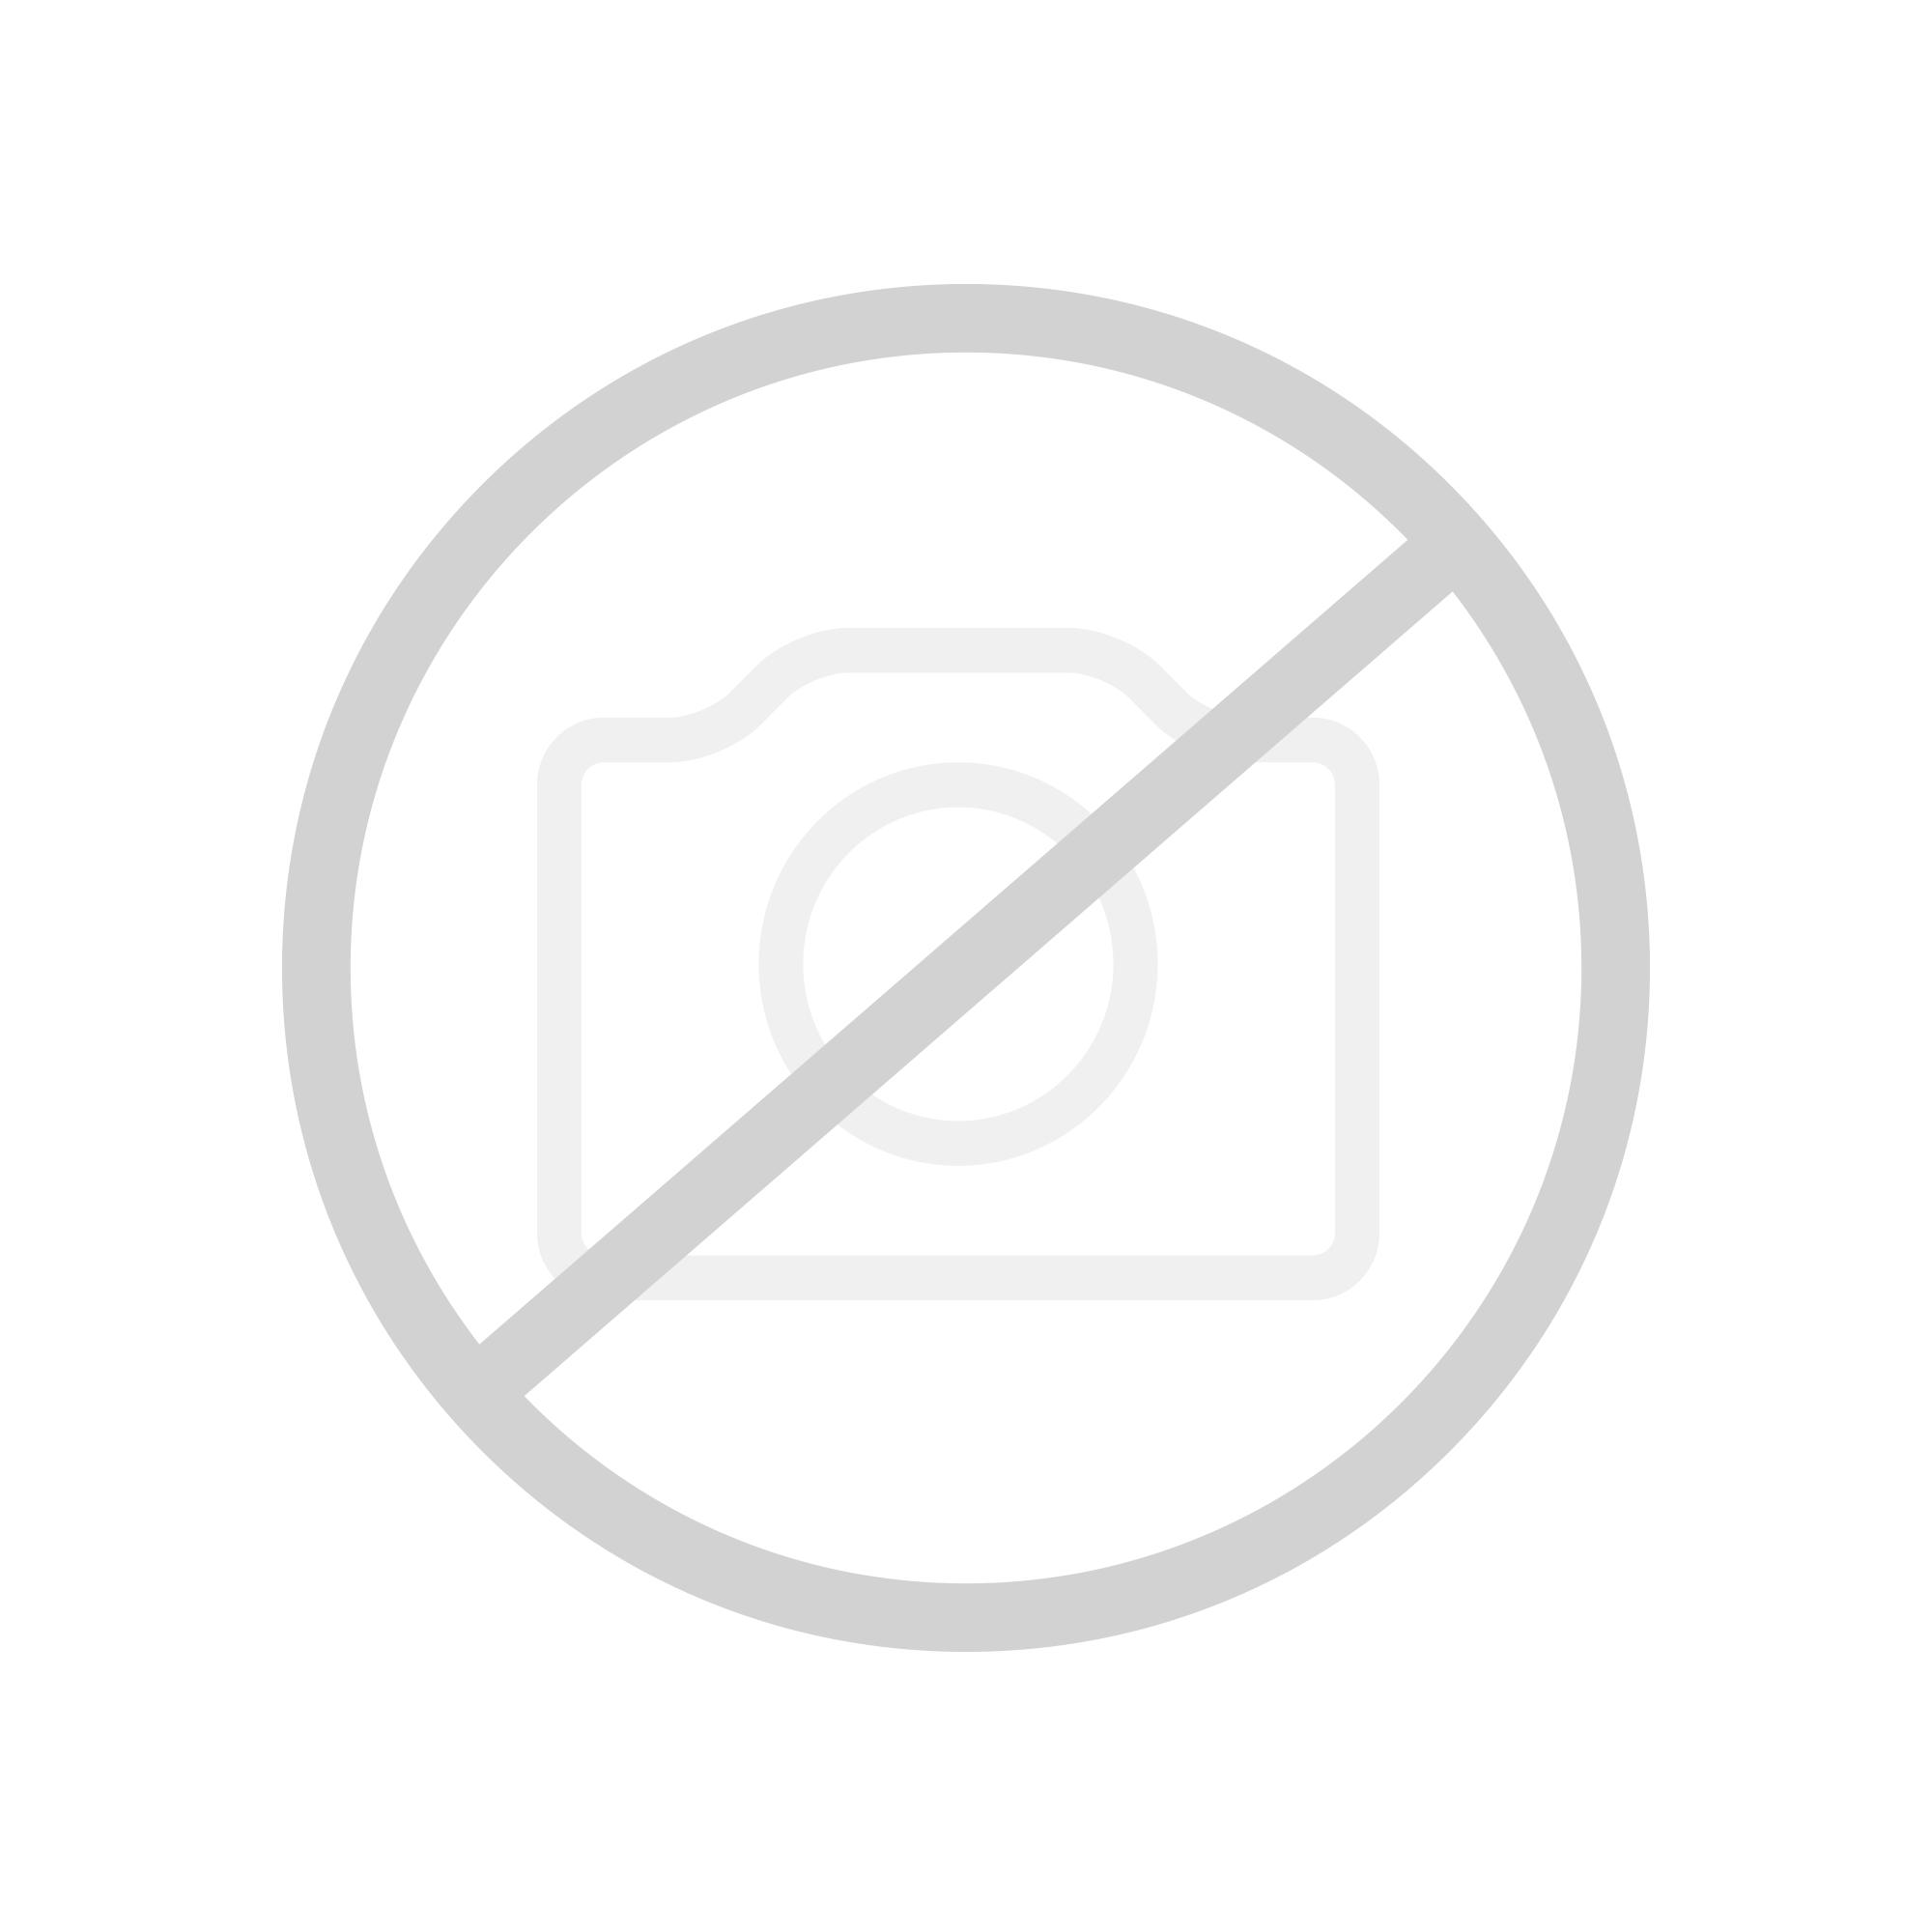 Keramag Renova Nr.1 Comprimo Wand-Tiefspül-WC L: 48,5 B: 35 cm weiß 206145000